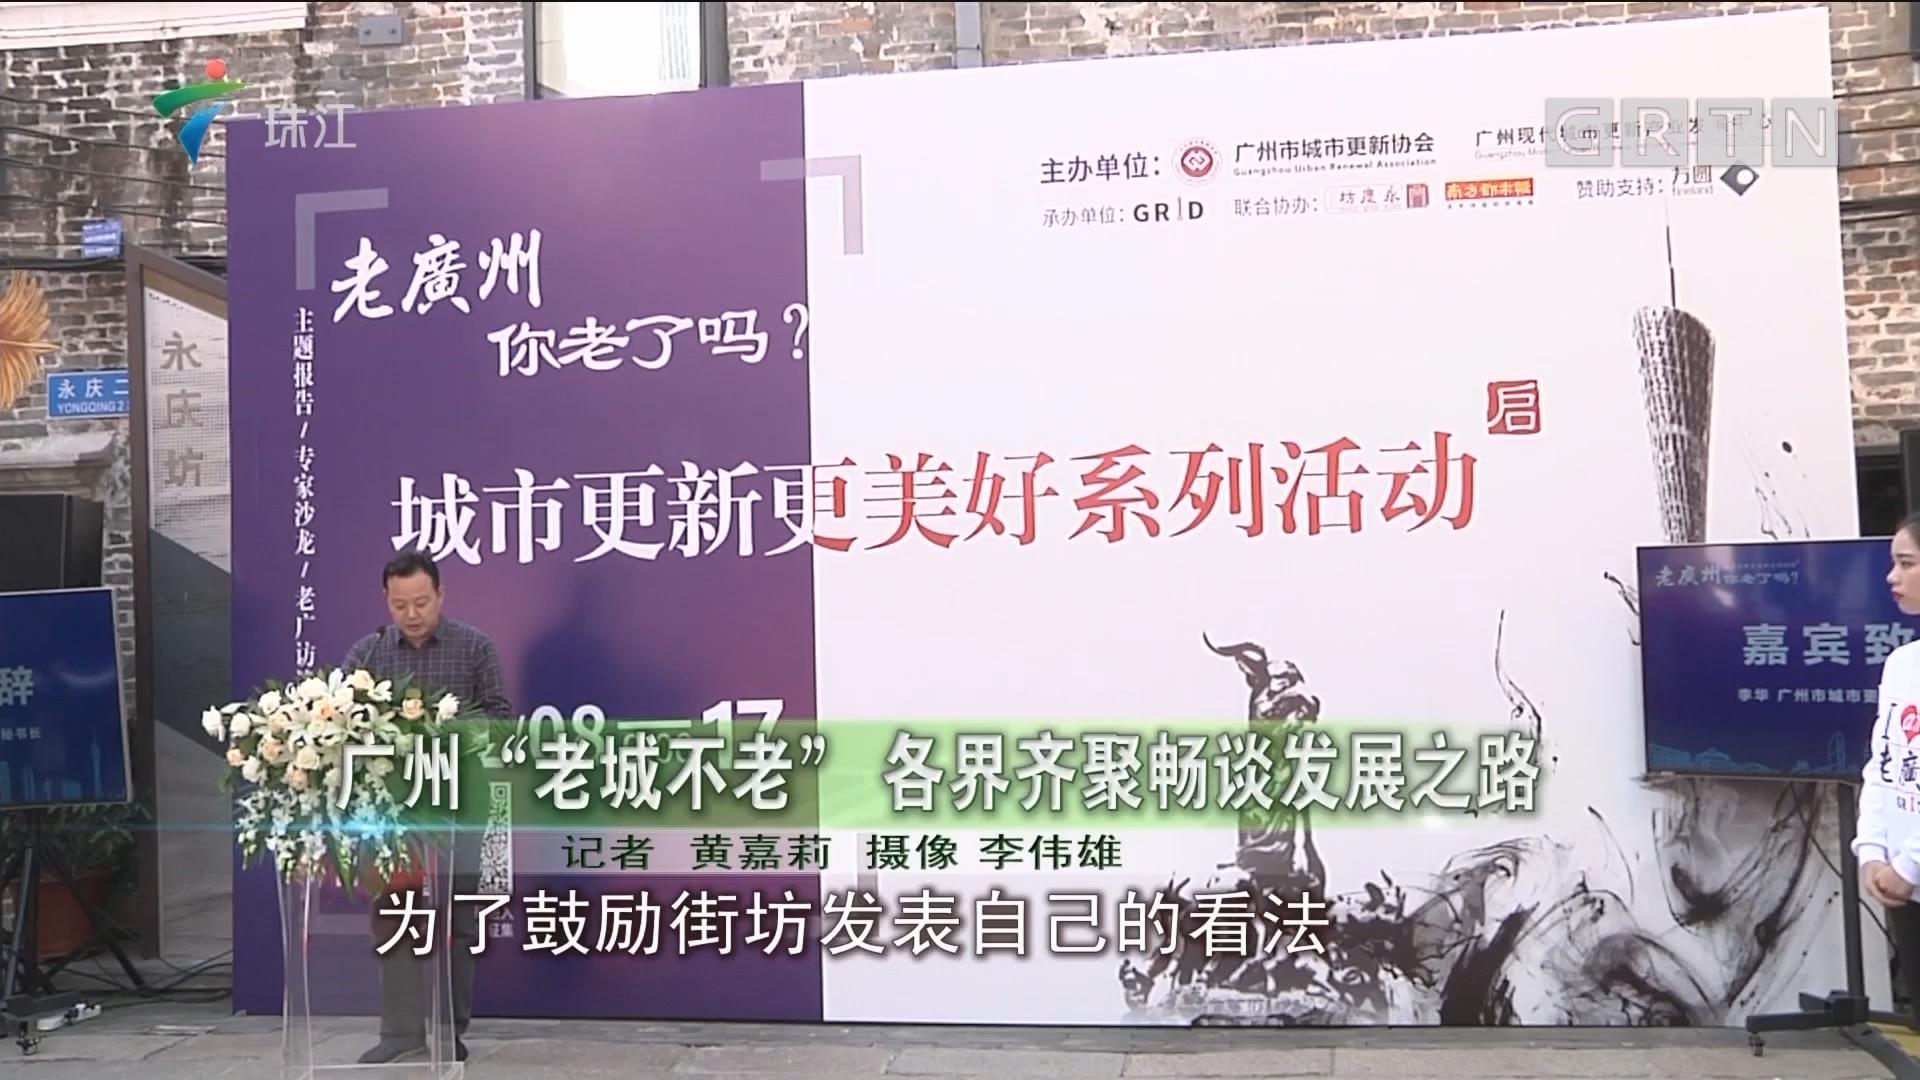 """广州""""老城不老"""" 各界齐聚畅谈发展之路"""